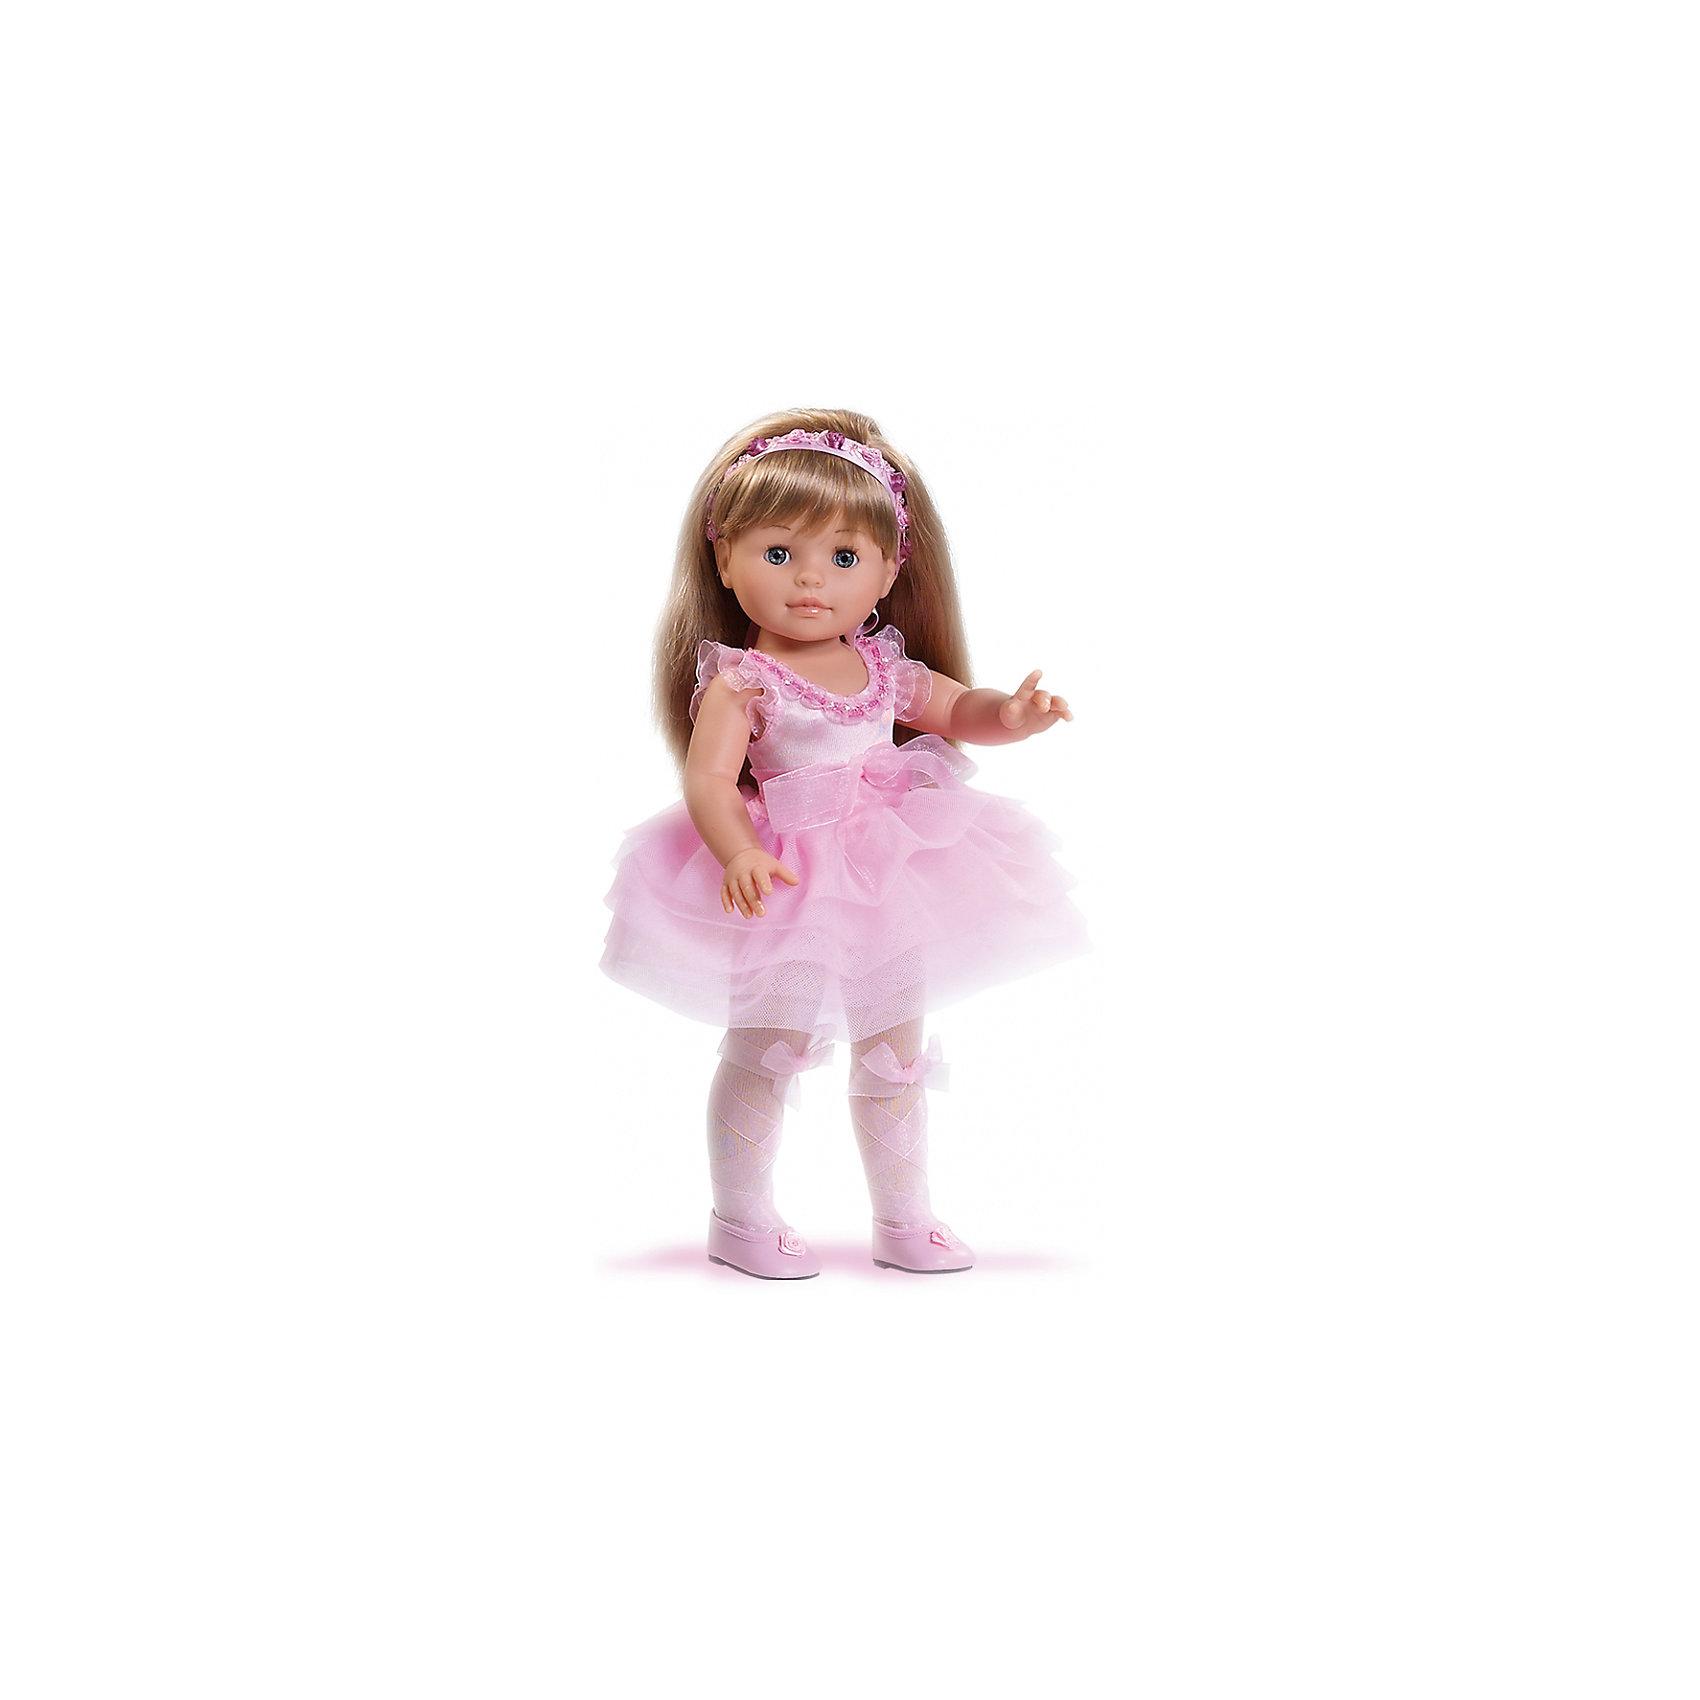 Кукла Сой Ту, 40 см, Paola ReinaКуклы из серии Сой Ту ( Я это Ты) так похожи на маленьких девочек! Эта очаровательна малышка одета в нежное платье с пышной юбкой, декорированное полупрозрачным бантиком и милыми оборками. На ногах куклы колготы и маленькие красивые туфельки. Завершает образ небольшой изысканный ободок на голове. Длинные белокурые волосы очень приятно расчесывать и создавать из них всевозможные прически. Куклы Паола Рейна имеют нежный ванильный аромат, одеты в модную одежду с аксессуарами. Выразительная мимика, уникальный и неповторимый дизайн лица и тела делают эти игрушки запоминающимися и уникальными. Куклы изготовлены из высококачественного винила, без вредных примесей, абсолютно безопасны для детей. <br><br>Дополнительная информация:<br><br>- Материалы: кукла изготовлена из винила; глаза выполнены в виде кристалла из прозрачного твердого пластика; волосы сделаны из высококачественного нейлона, одежда - текстиль.<br>- Размер: 40 см.<br>- Комплектация: кукла в одежде и обуви. <br>- Голова, ручки, ножки куклы подвижные.<br><br>Куклу Сой Ту, 40 см, Paola Reina (Паола Рейна), можно купить в нашем магазине.<br><br>Ширина мм: 250<br>Глубина мм: 120<br>Высота мм: 500<br>Вес г: 1333<br>Возраст от месяцев: 36<br>Возраст до месяцев: 144<br>Пол: Женский<br>Возраст: Детский<br>SKU: 4420320